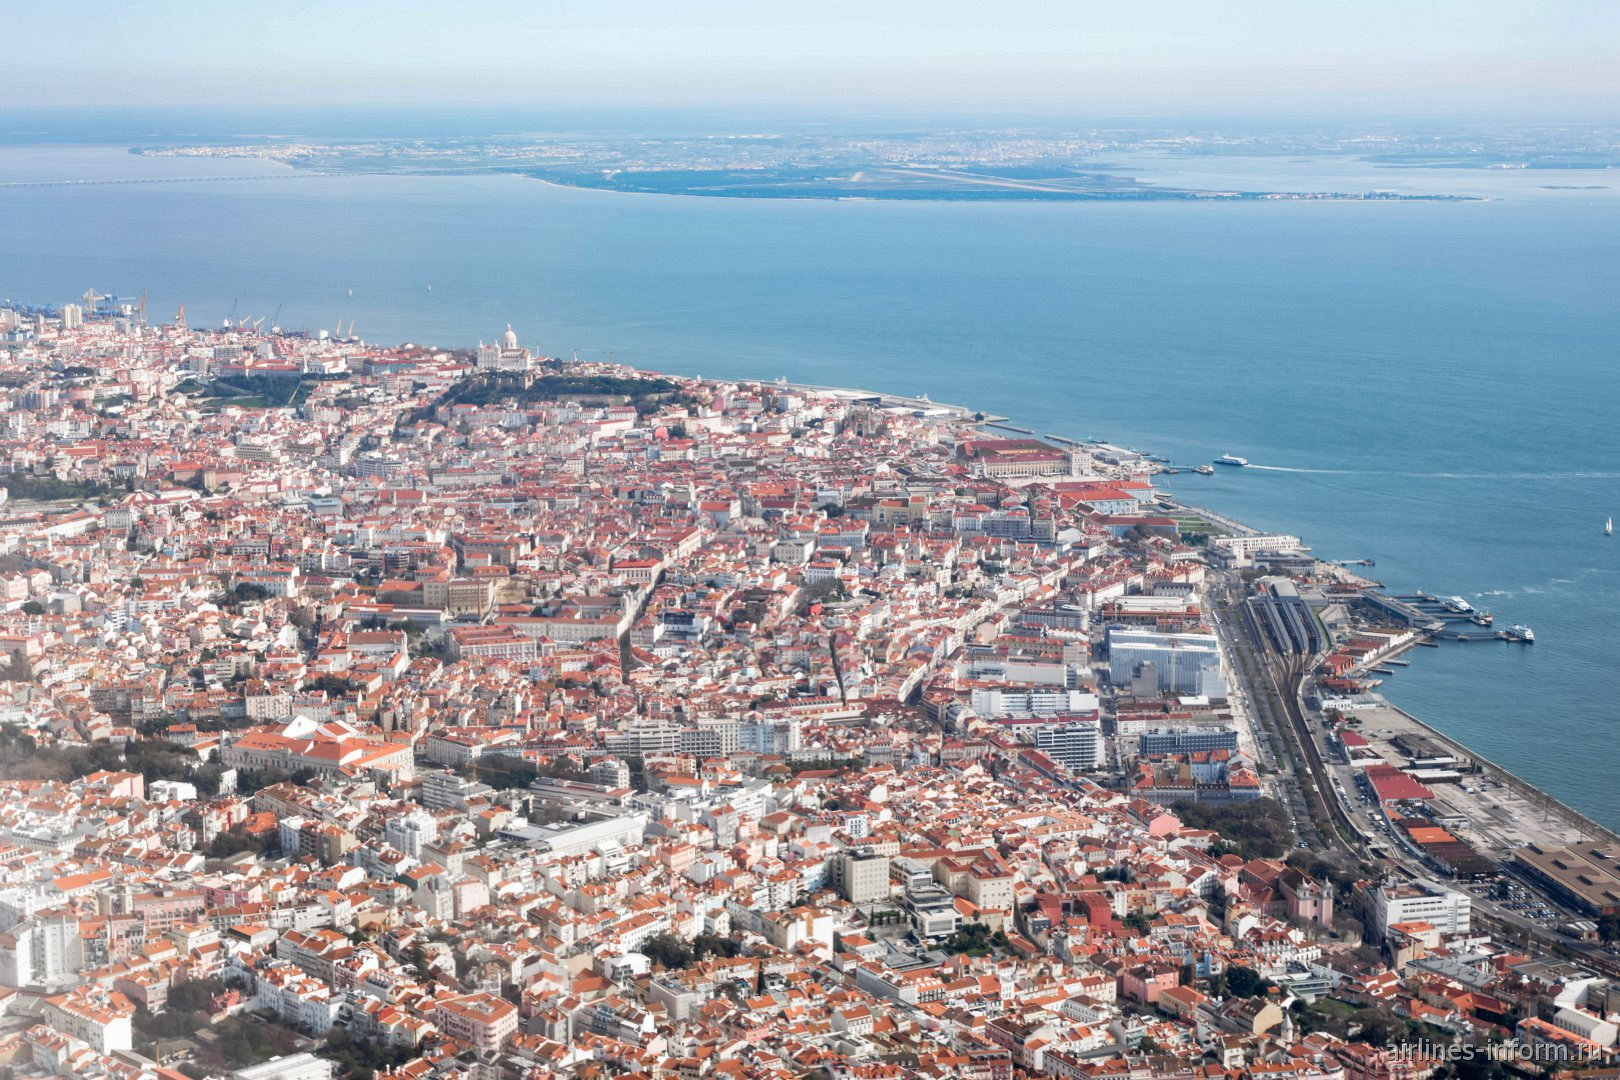 Исторический центр города Лиссабон - вид из самолета перед посадкой